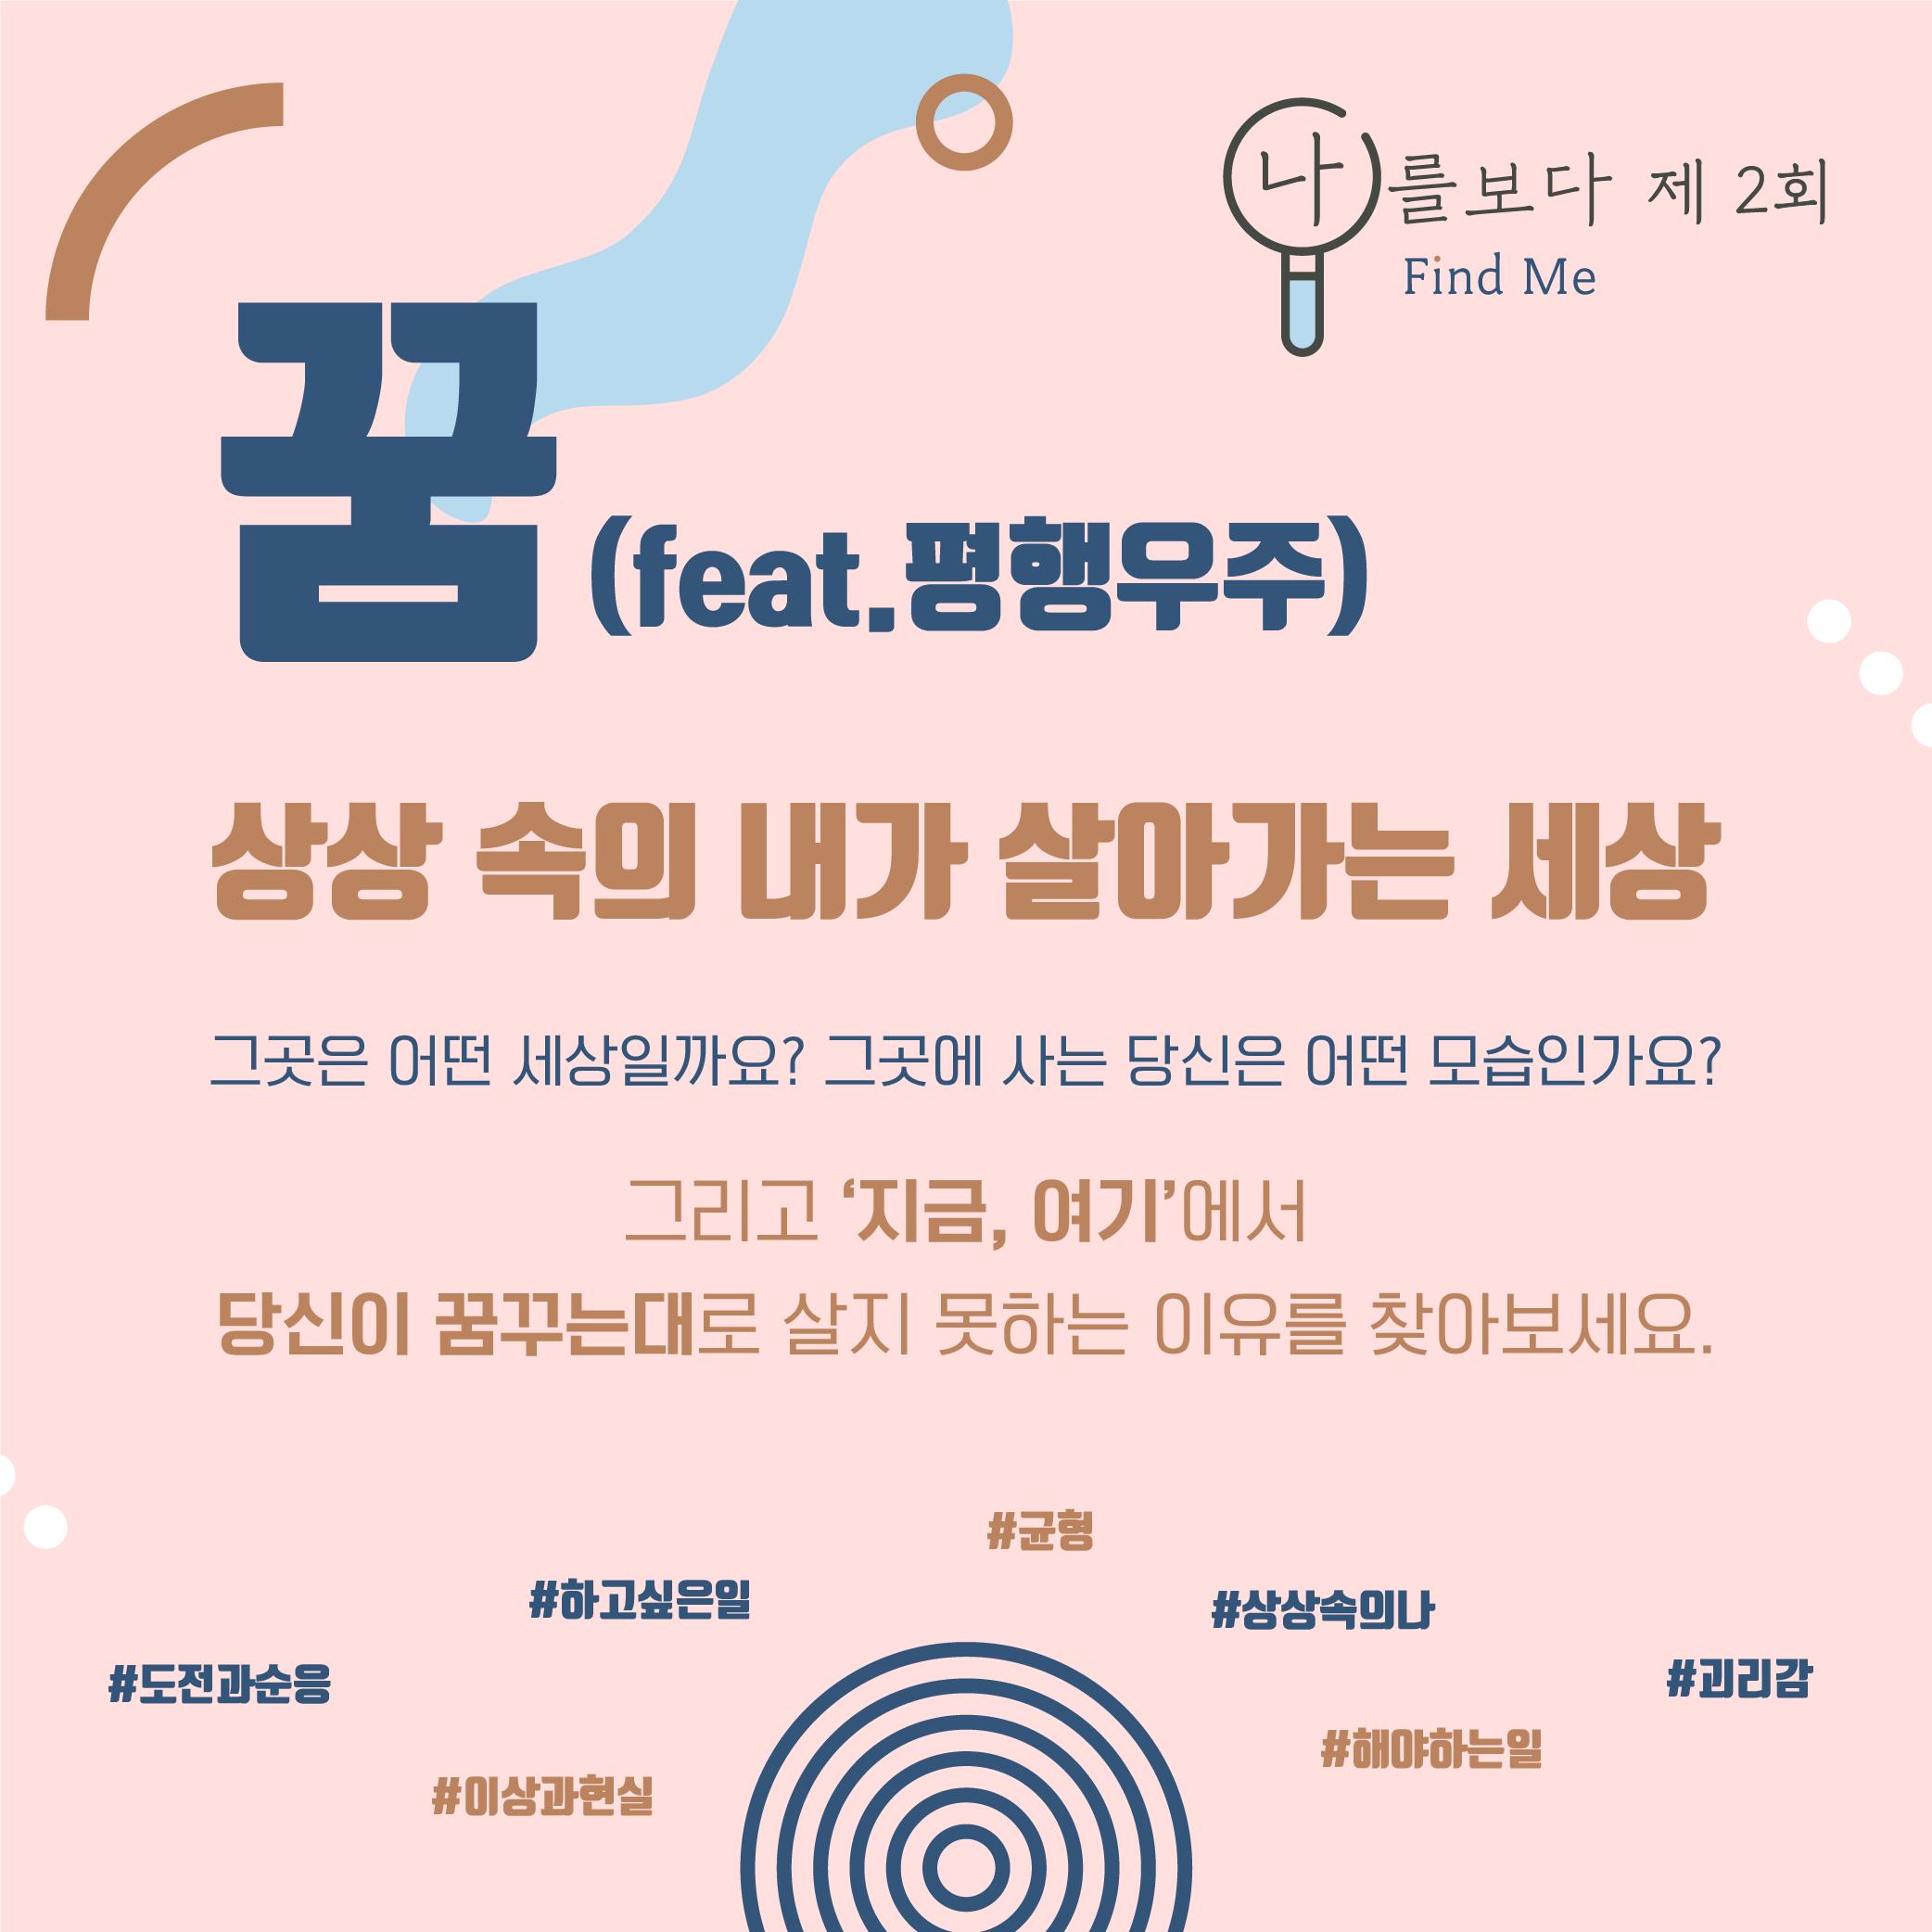 나를 찾는 워크숍 'Find Me_나를 보다' 2회 꿈(feat.평행우주)